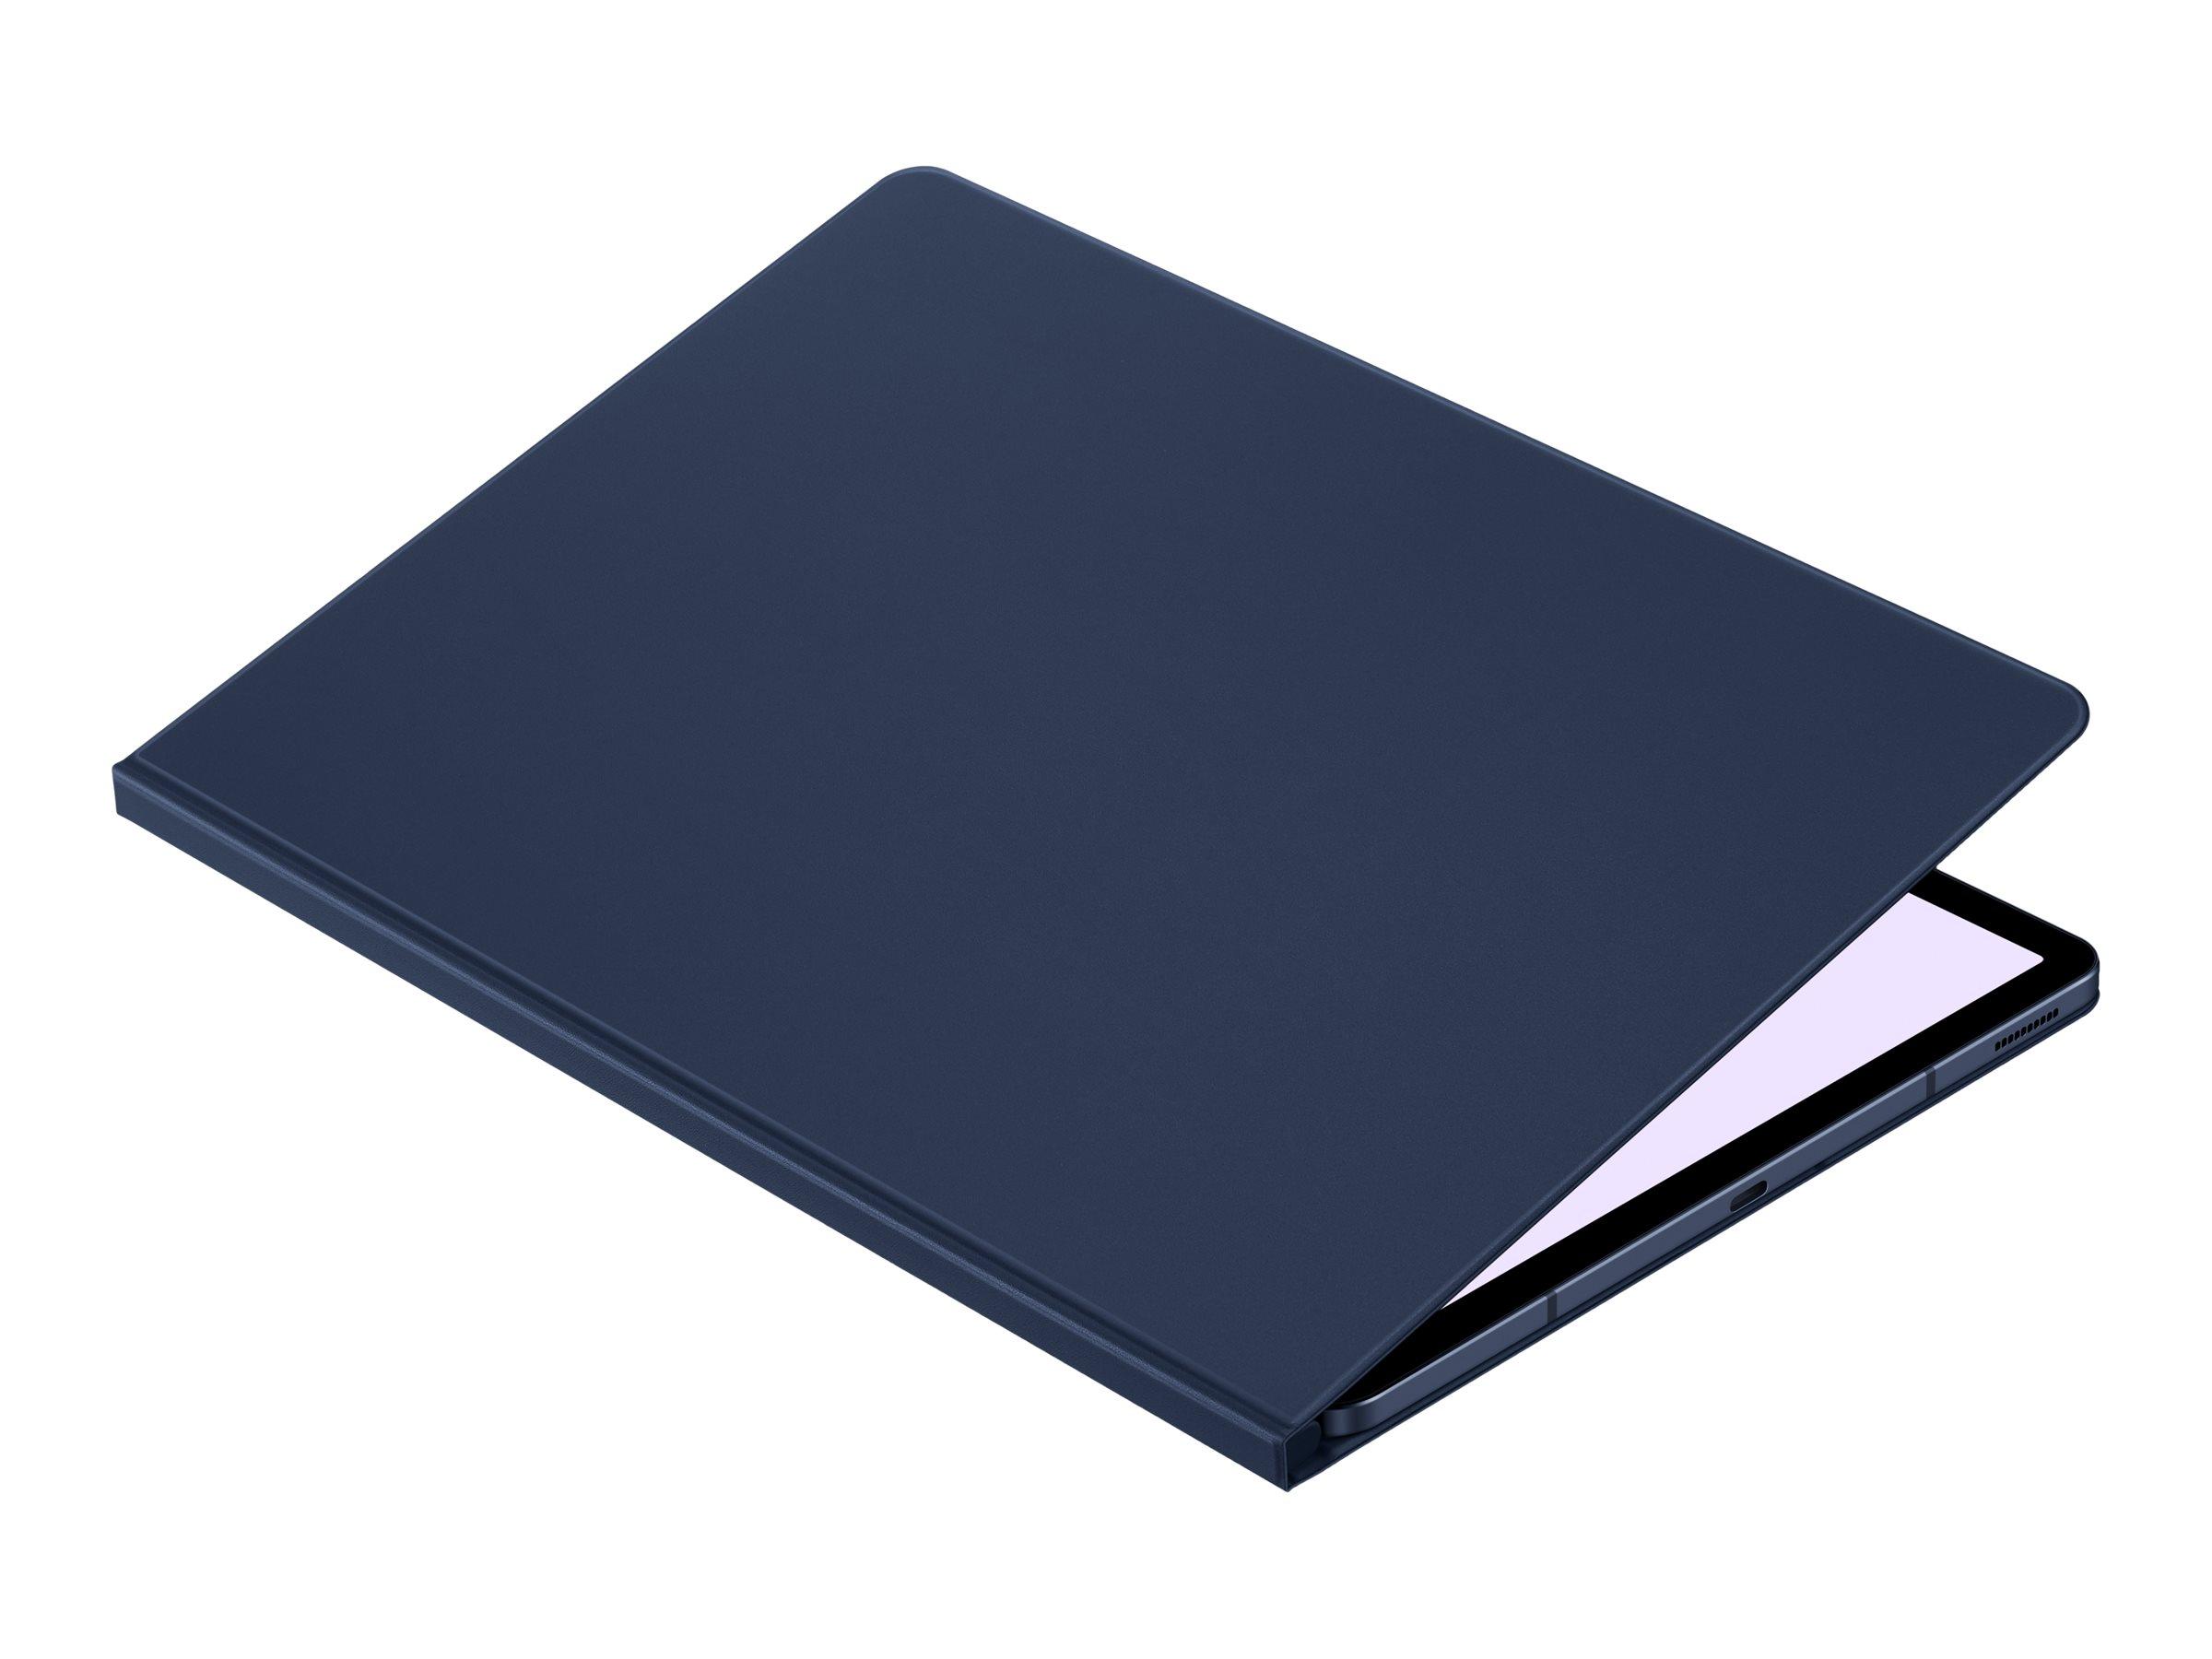 Samsung EF-BT730 - Flip-Hülle für Tablet - marineblau - für Galaxy Tab S7 FE, Tab S7+